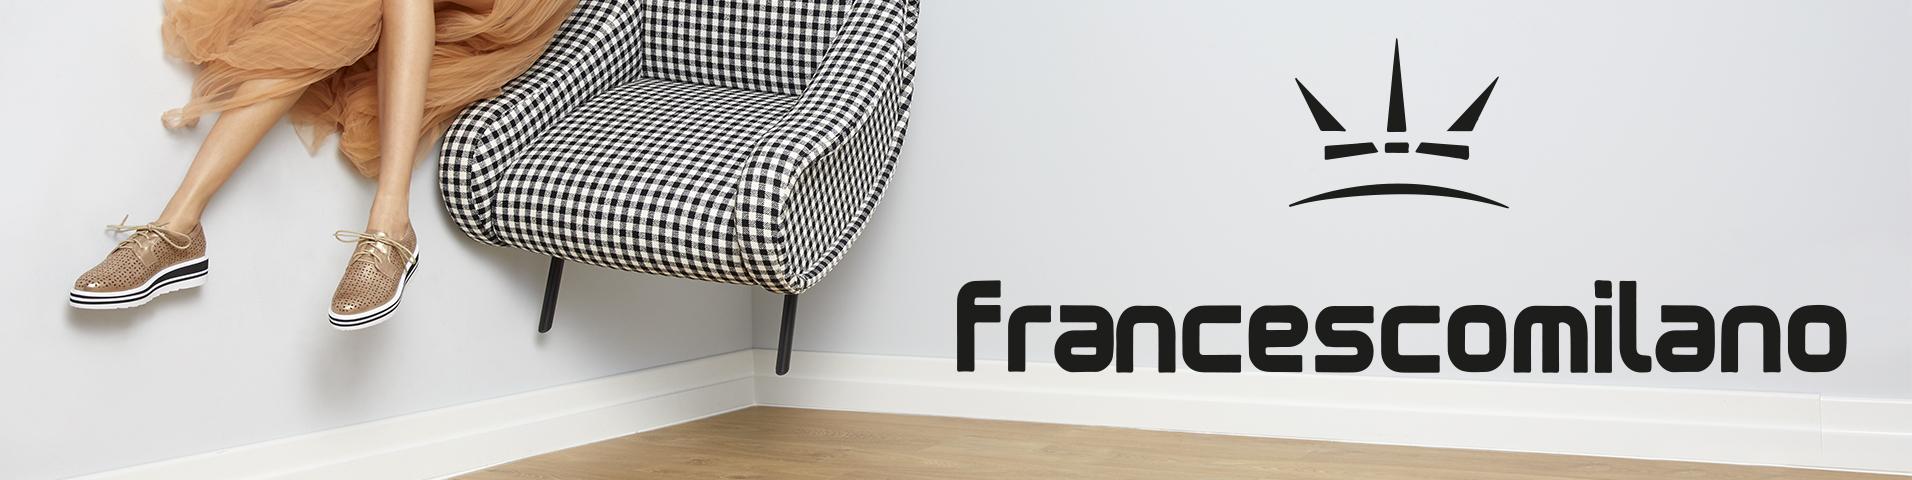 Jetzt im Outlet: großer Sale für tolle Francesco Milano ...